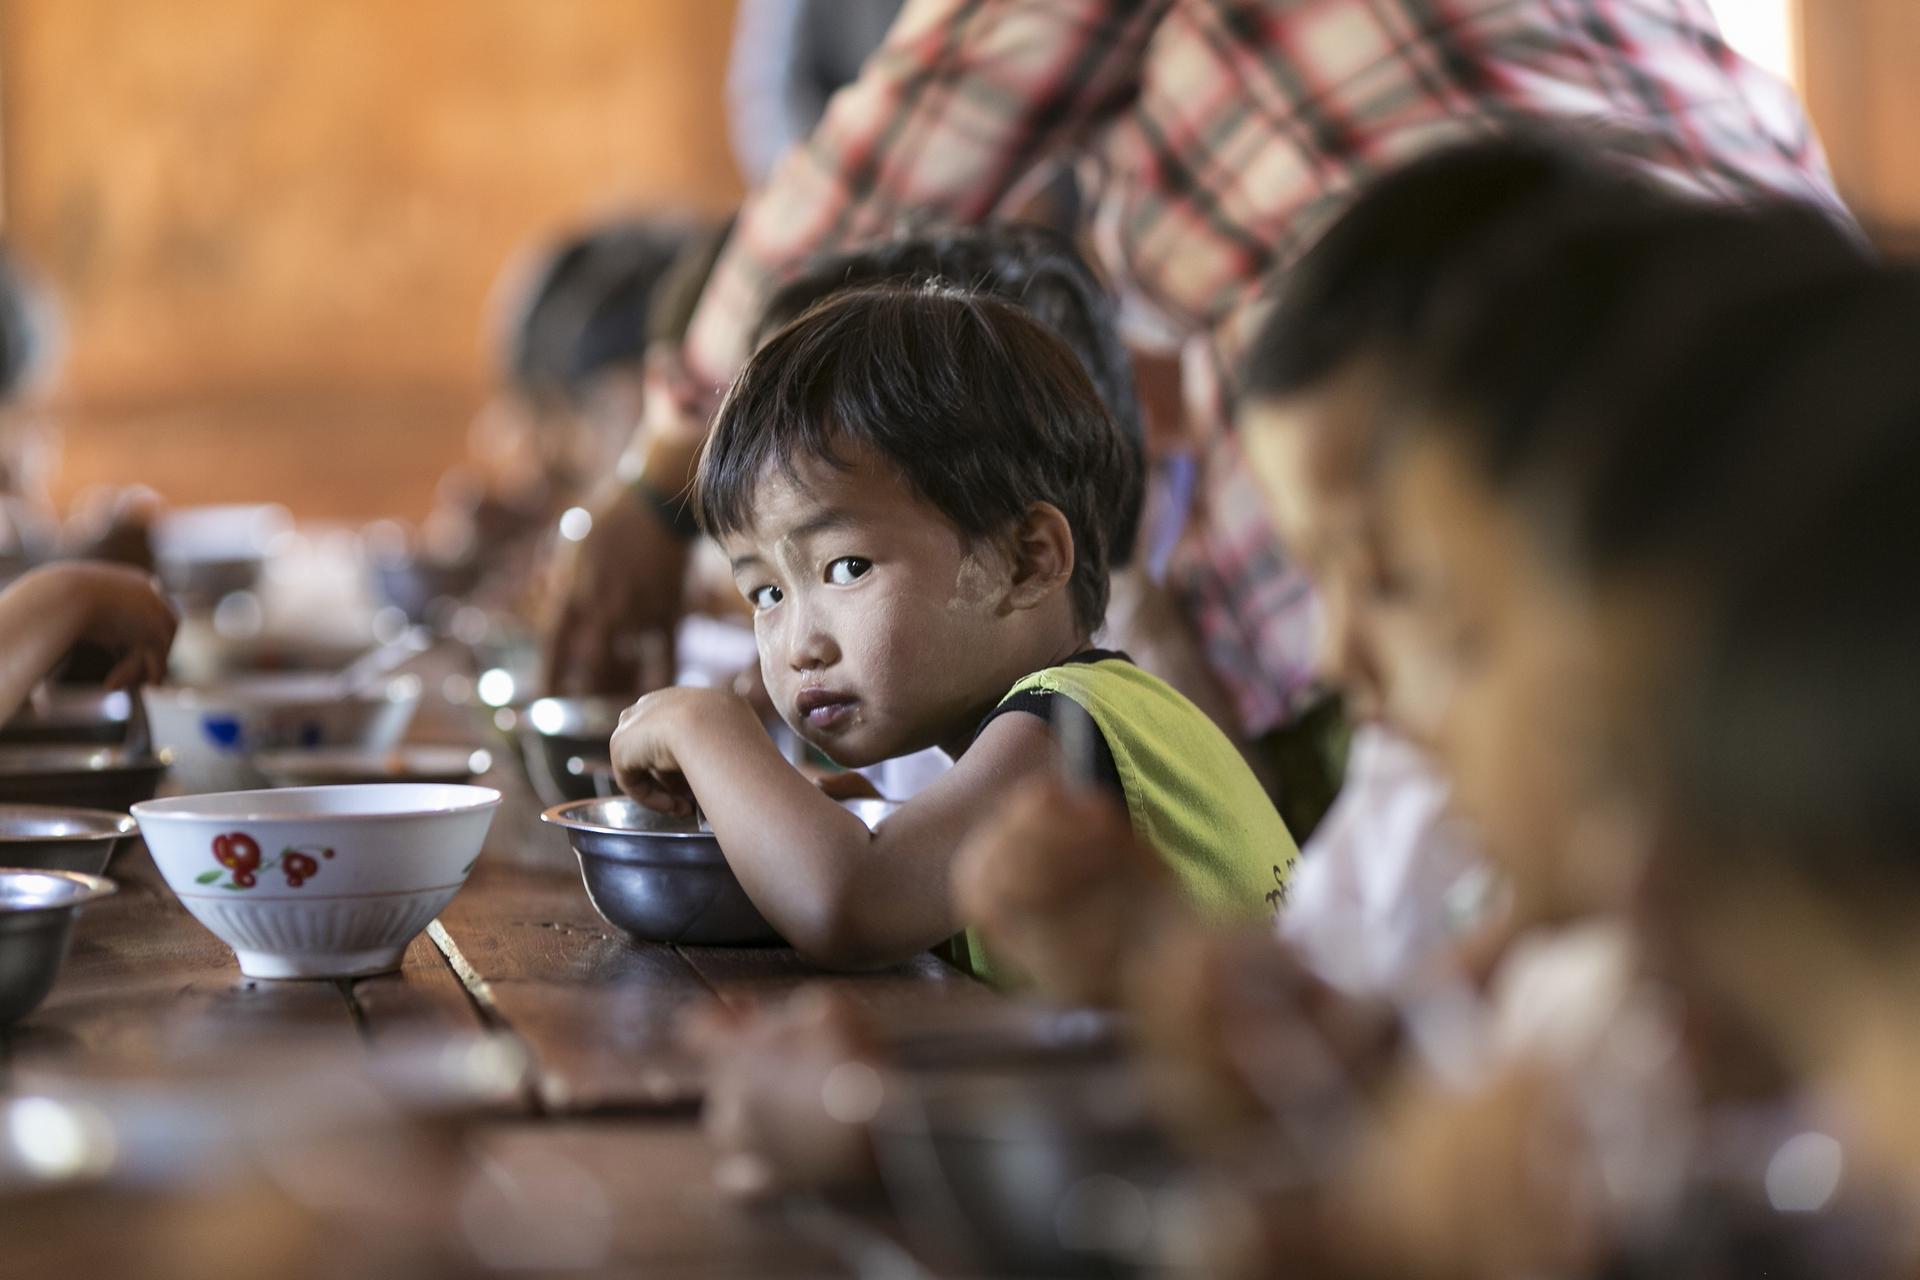 795 milioni di persone, soprattutto bambini, non hanno cibo a sufficienza. Nonostante i progressi degli ultimi 15 anni, la strada della lotta alla fame nel mondo è ancora lunga.